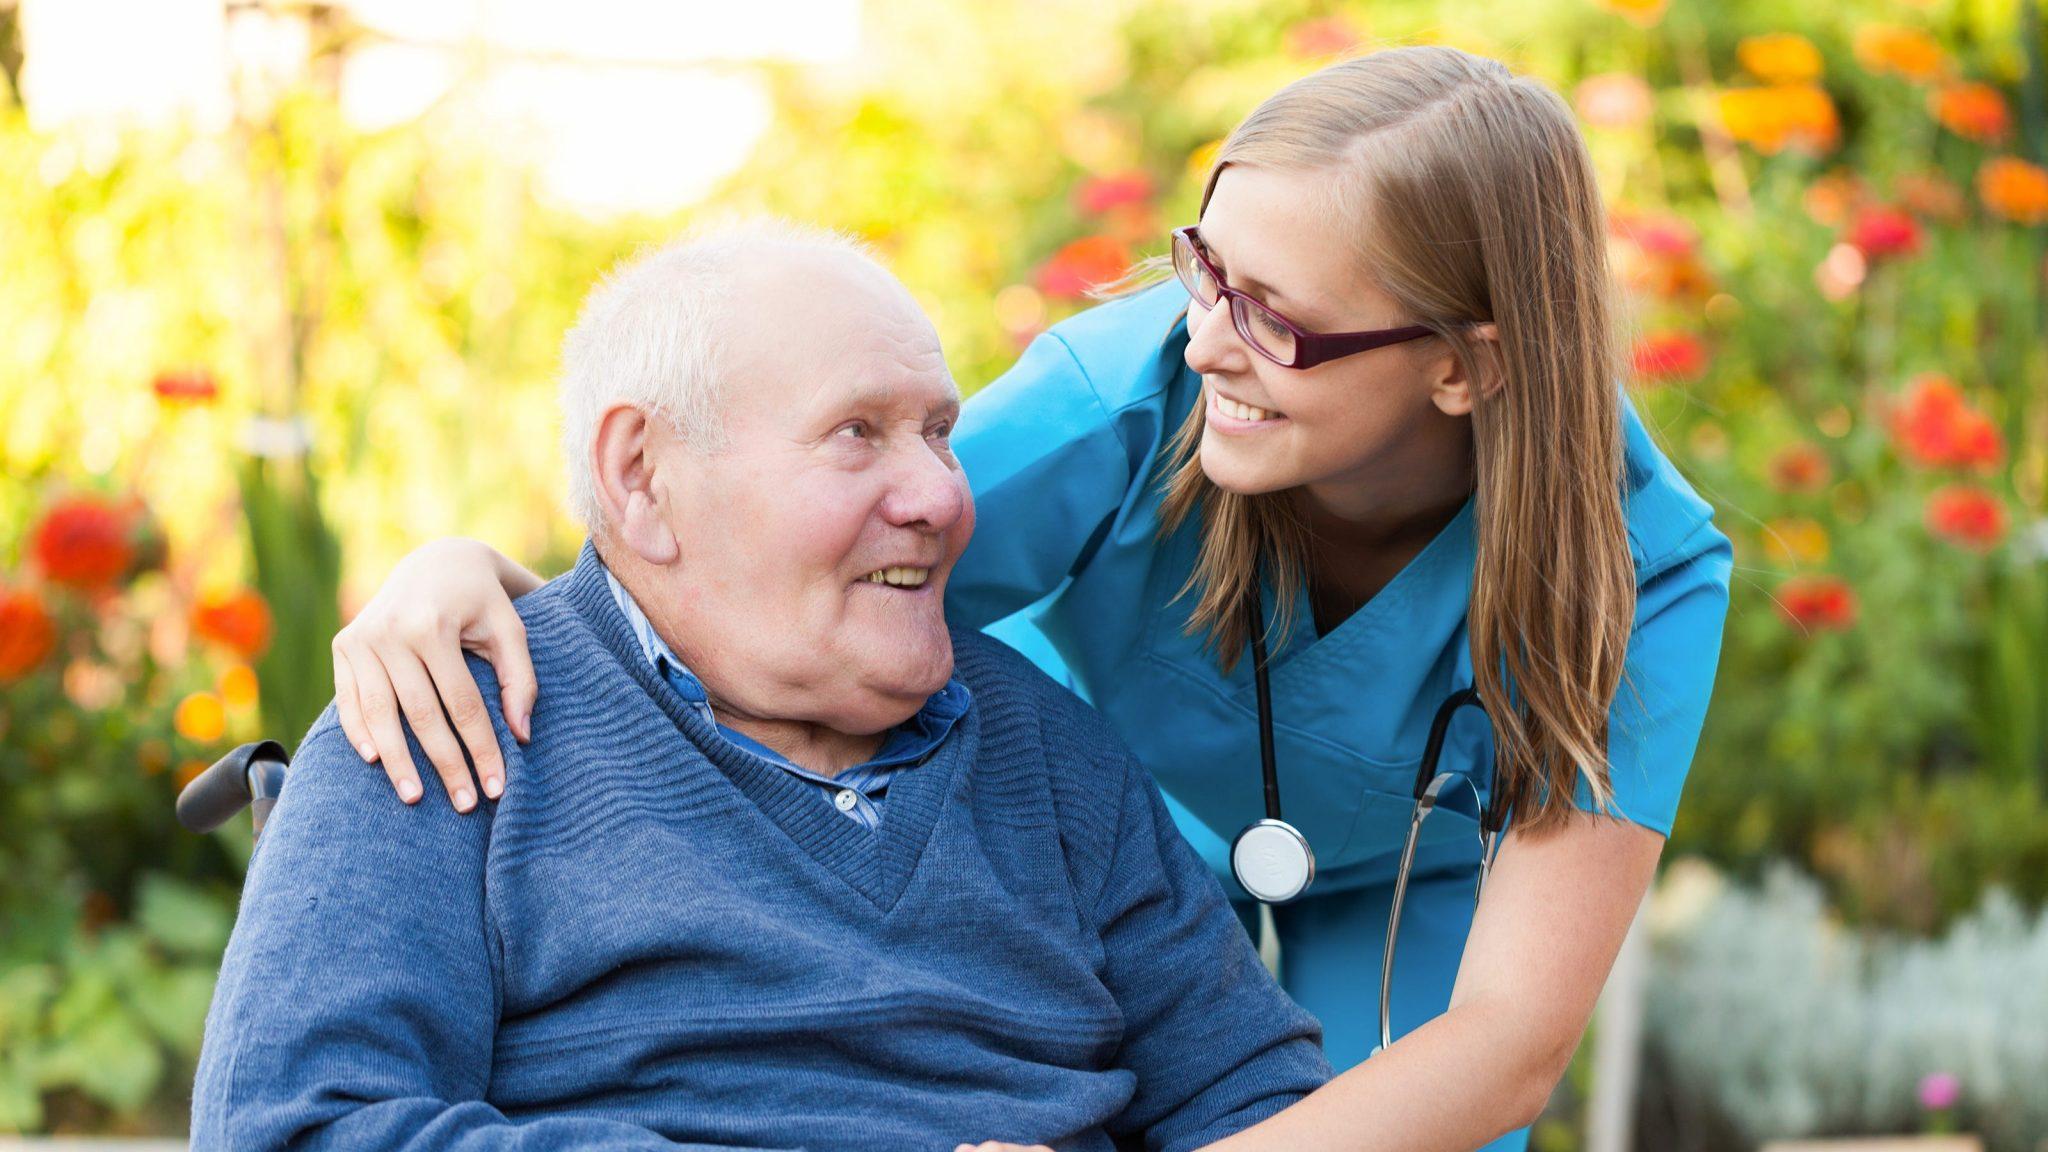 Большой стаж работы: какая пенсия и надбавки положены пенсионеру с 40-летним стажем работы